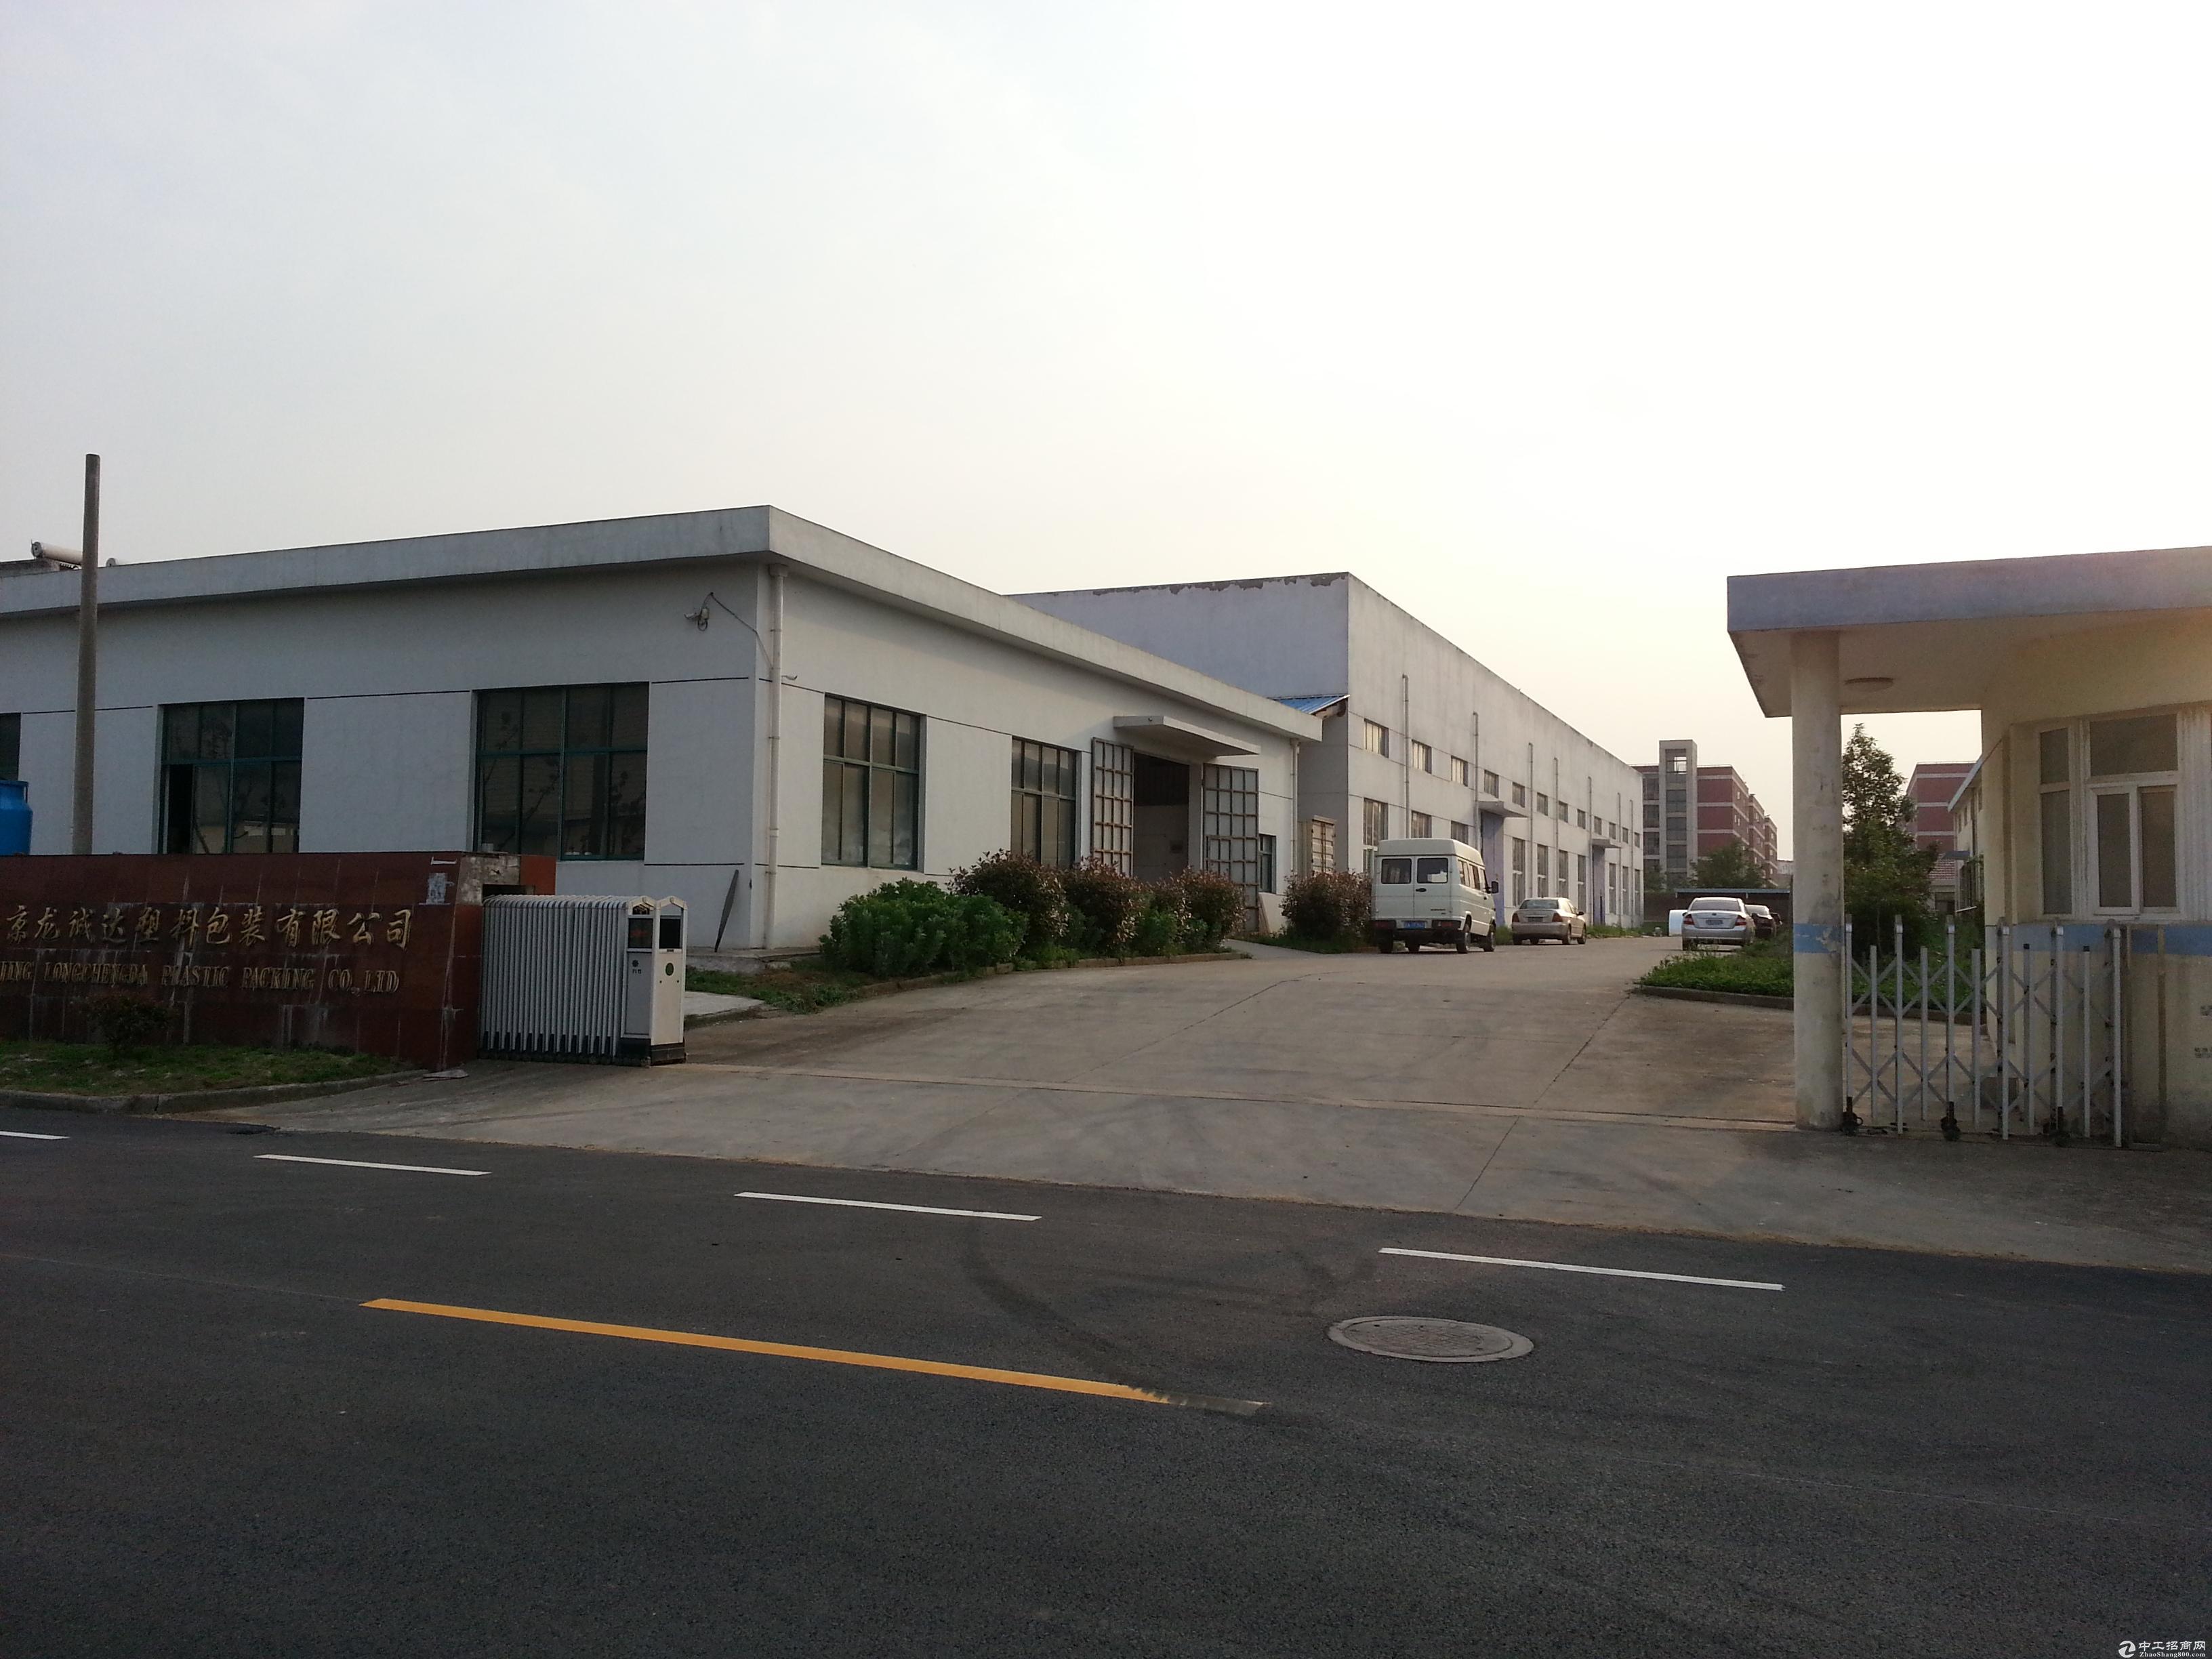 江宁陶吴工业园900平方米标准工业厂房出租采光好交通便捷